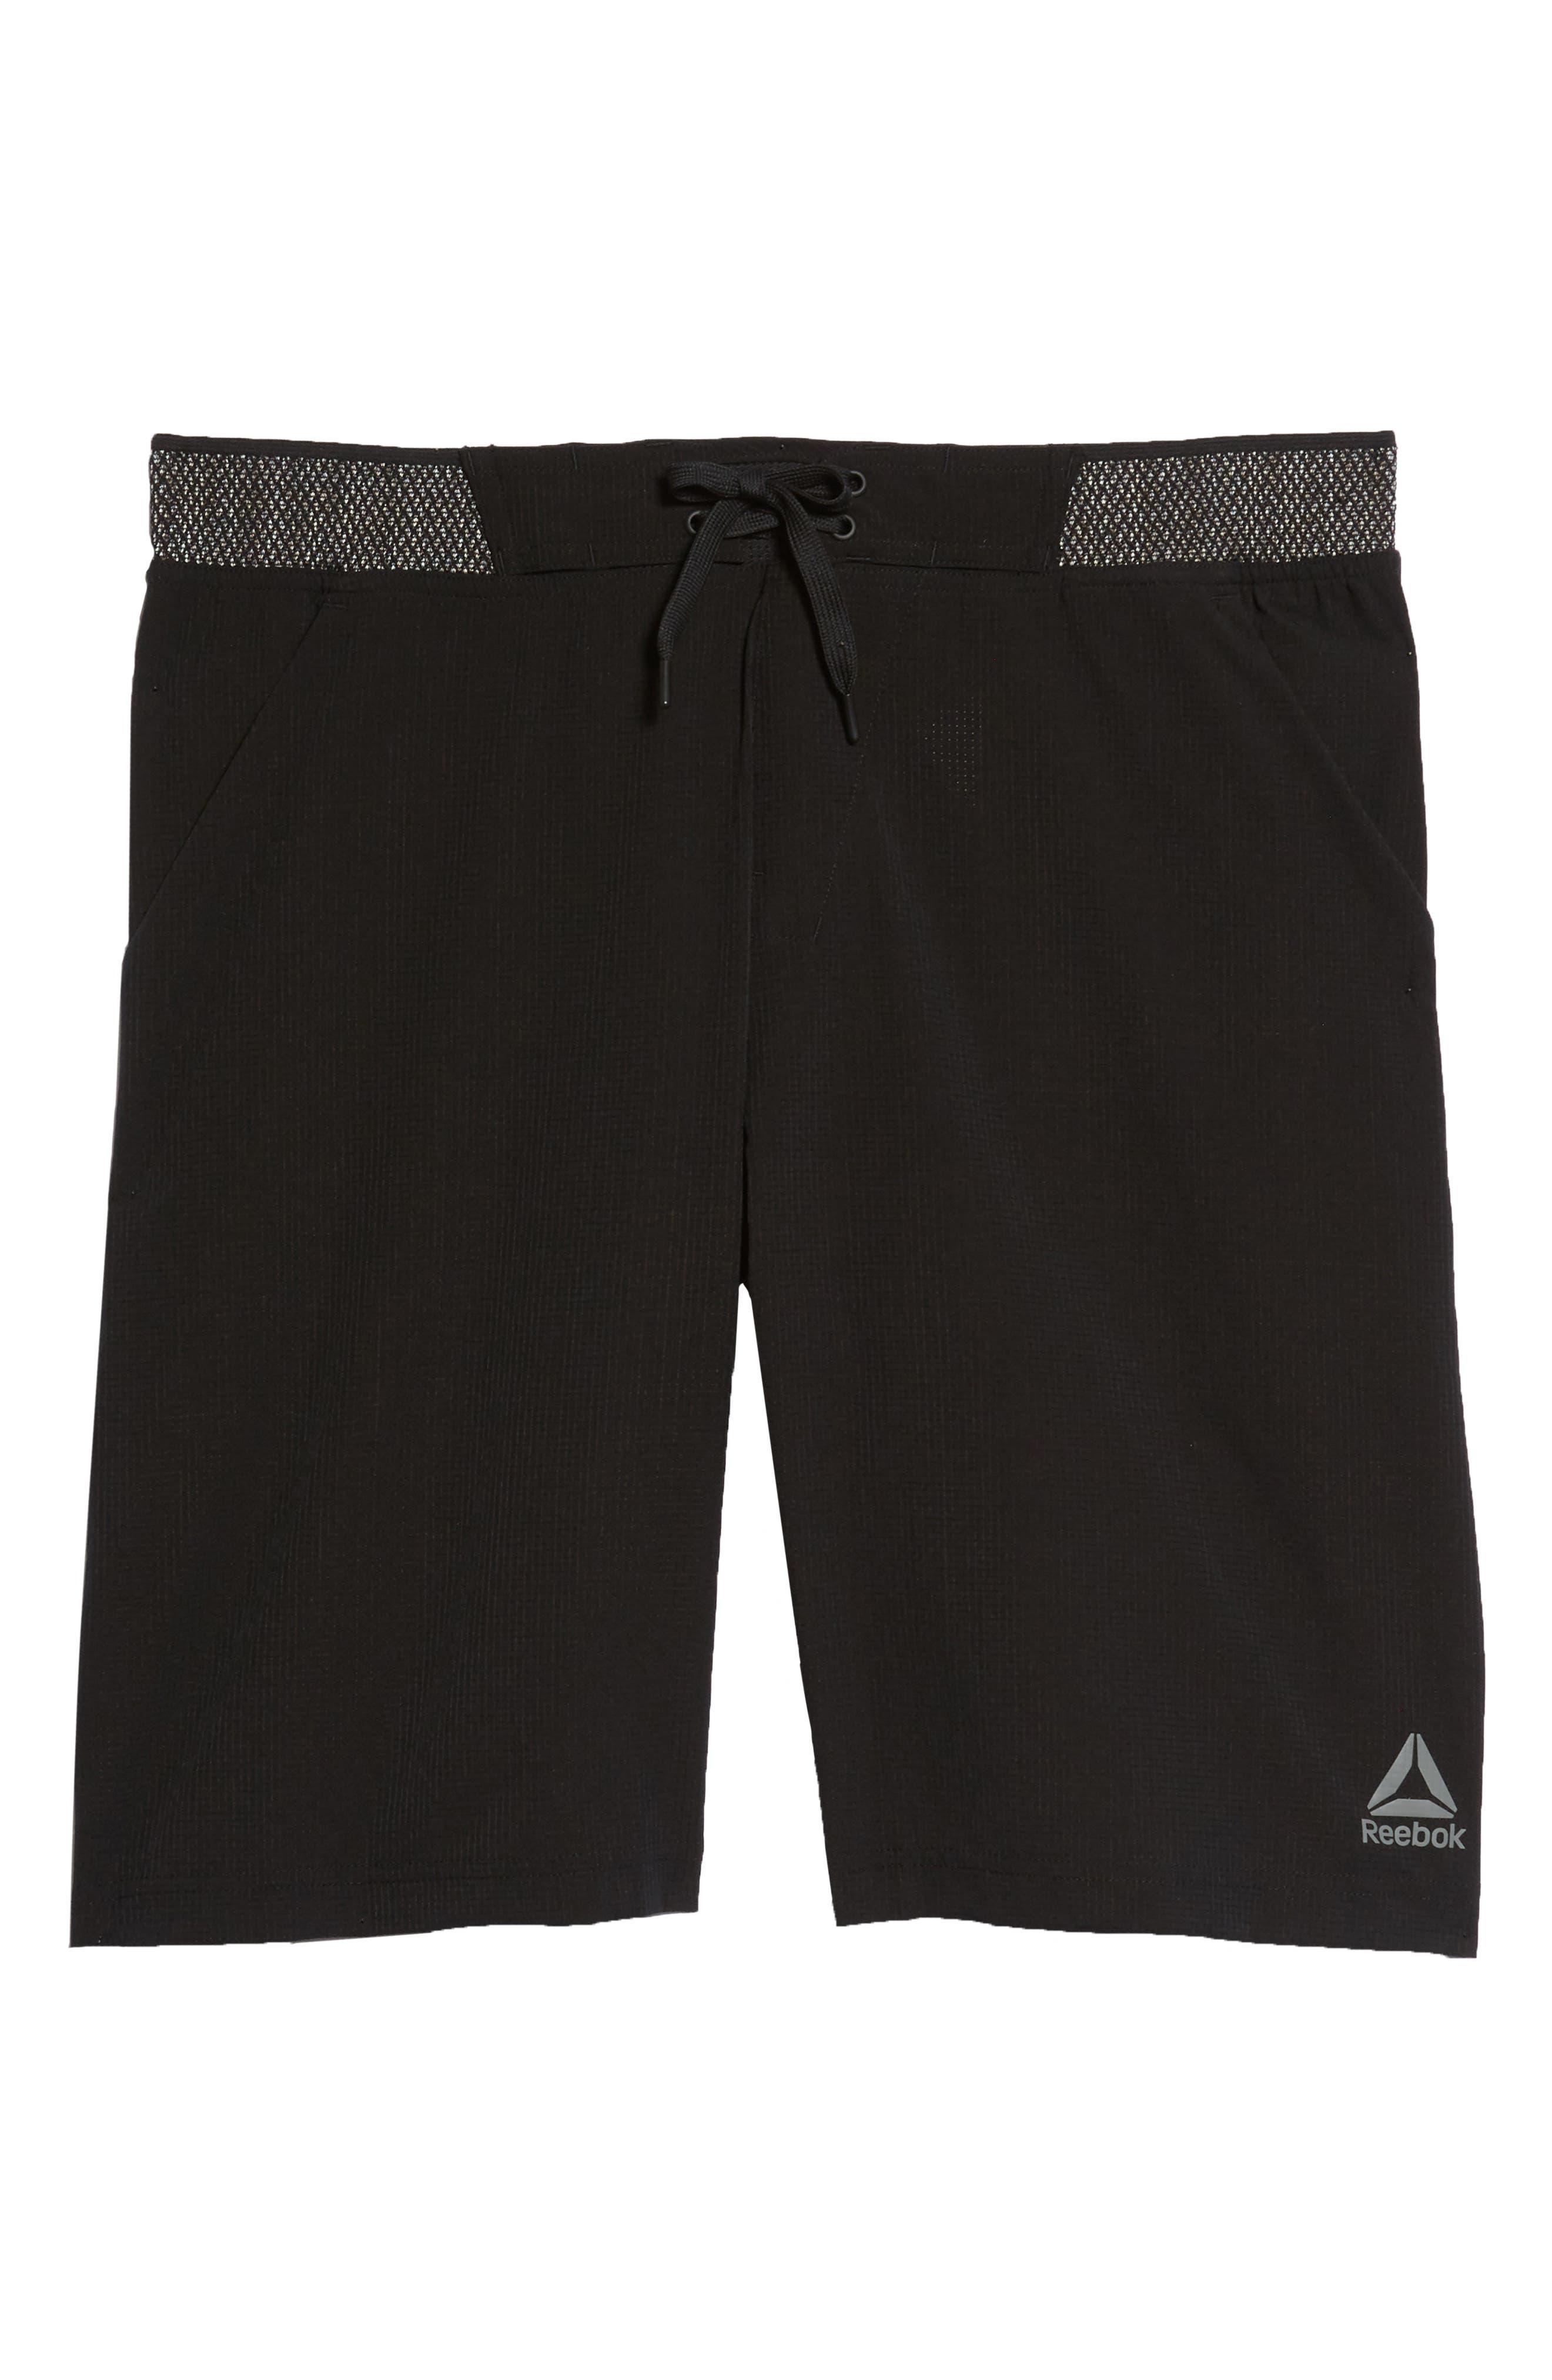 Epic Knit Shorts,                             Alternate thumbnail 6, color,                             BLACK